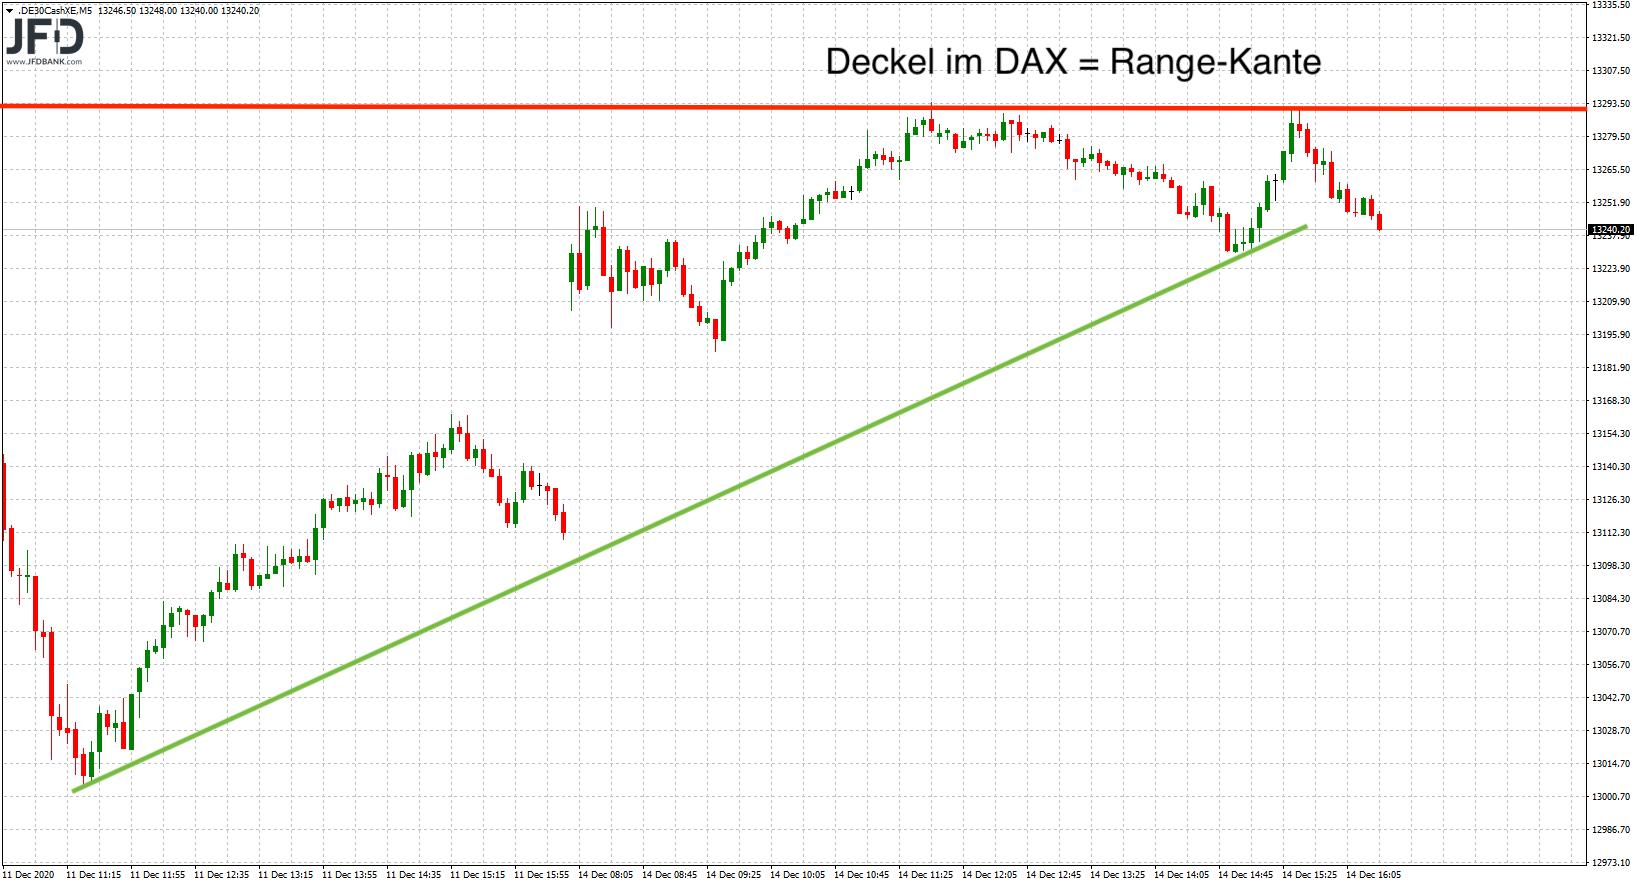 DAX-Deckel entspricht der Range-Kante